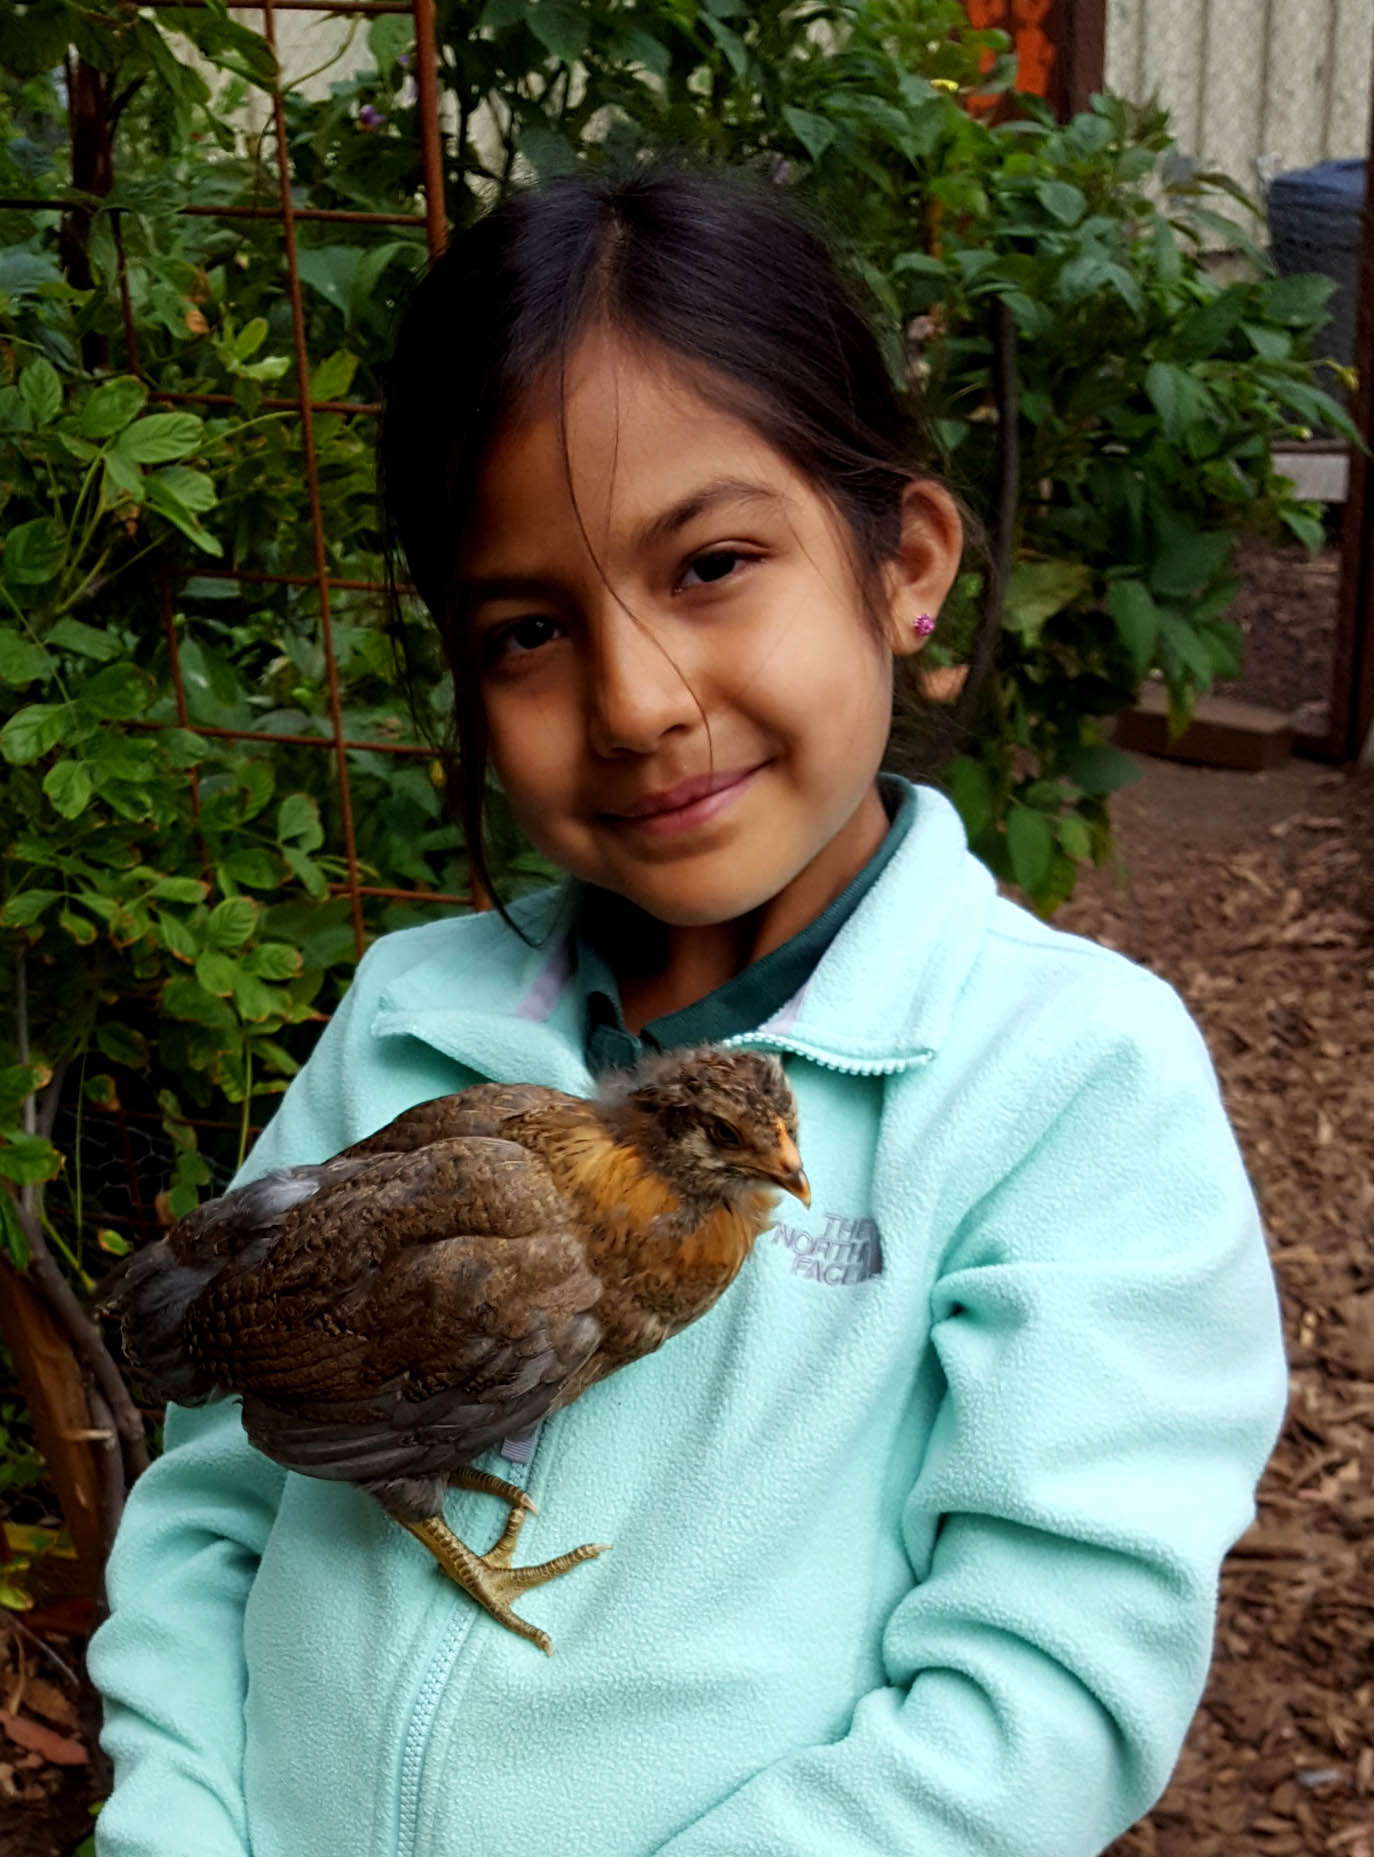 chickens_chicks_week4_raschell_firstborn_edited